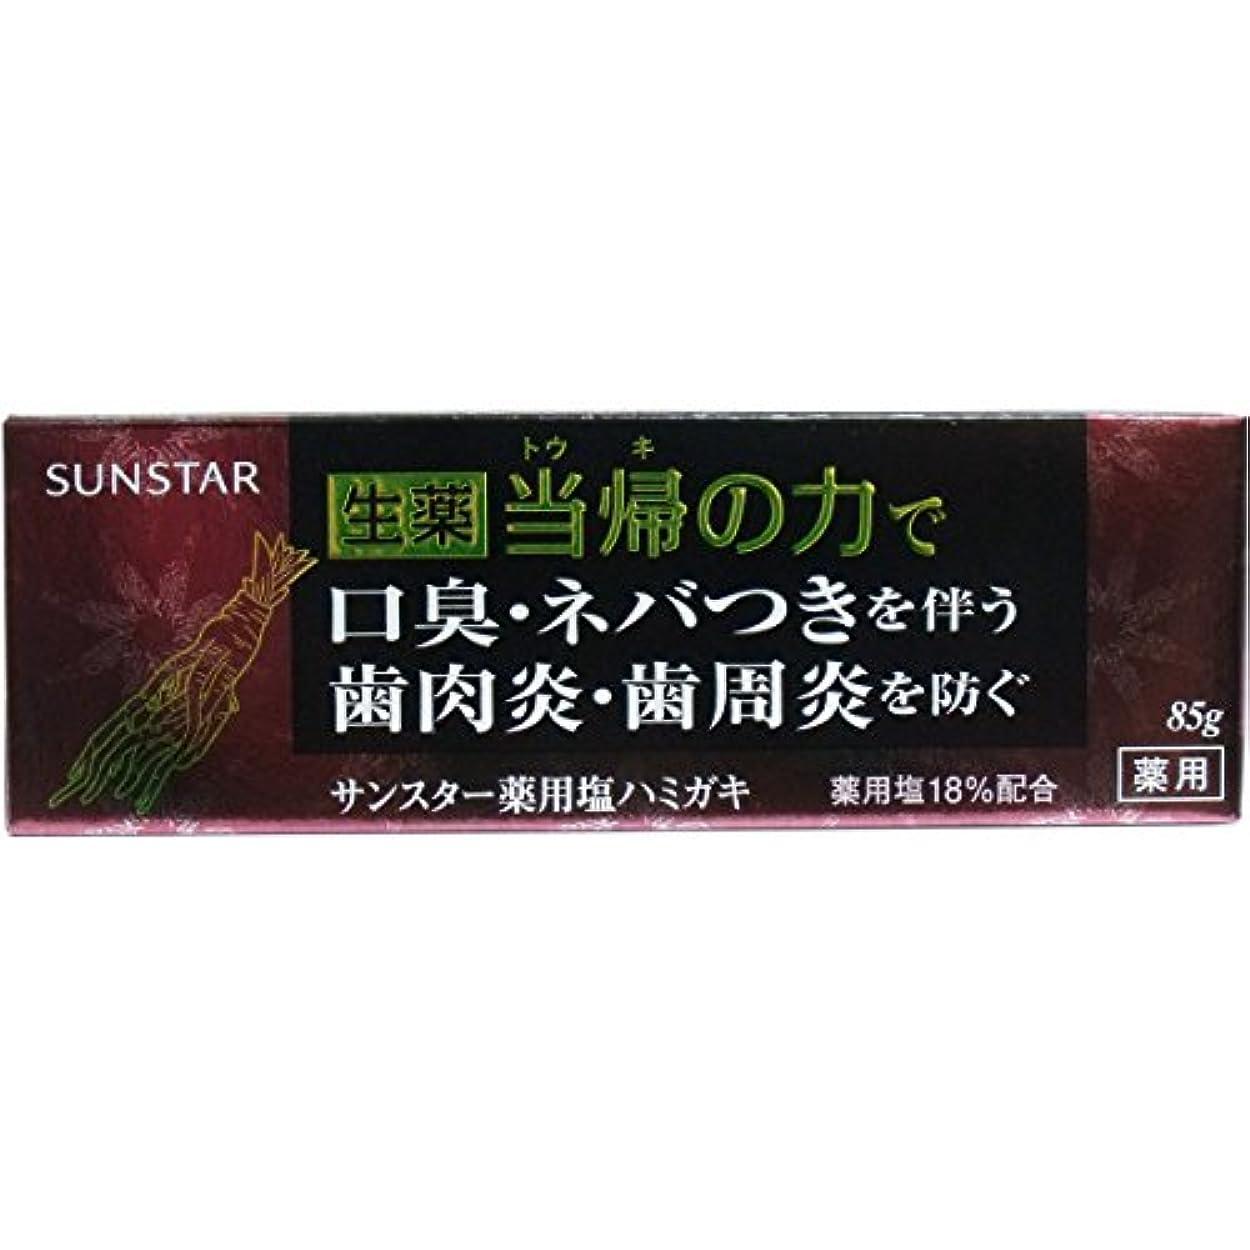 モニカエクステント深い【まとめ買い】サンスター 薬用 ハミガキ 生薬 当帰の力 85g ×2セット